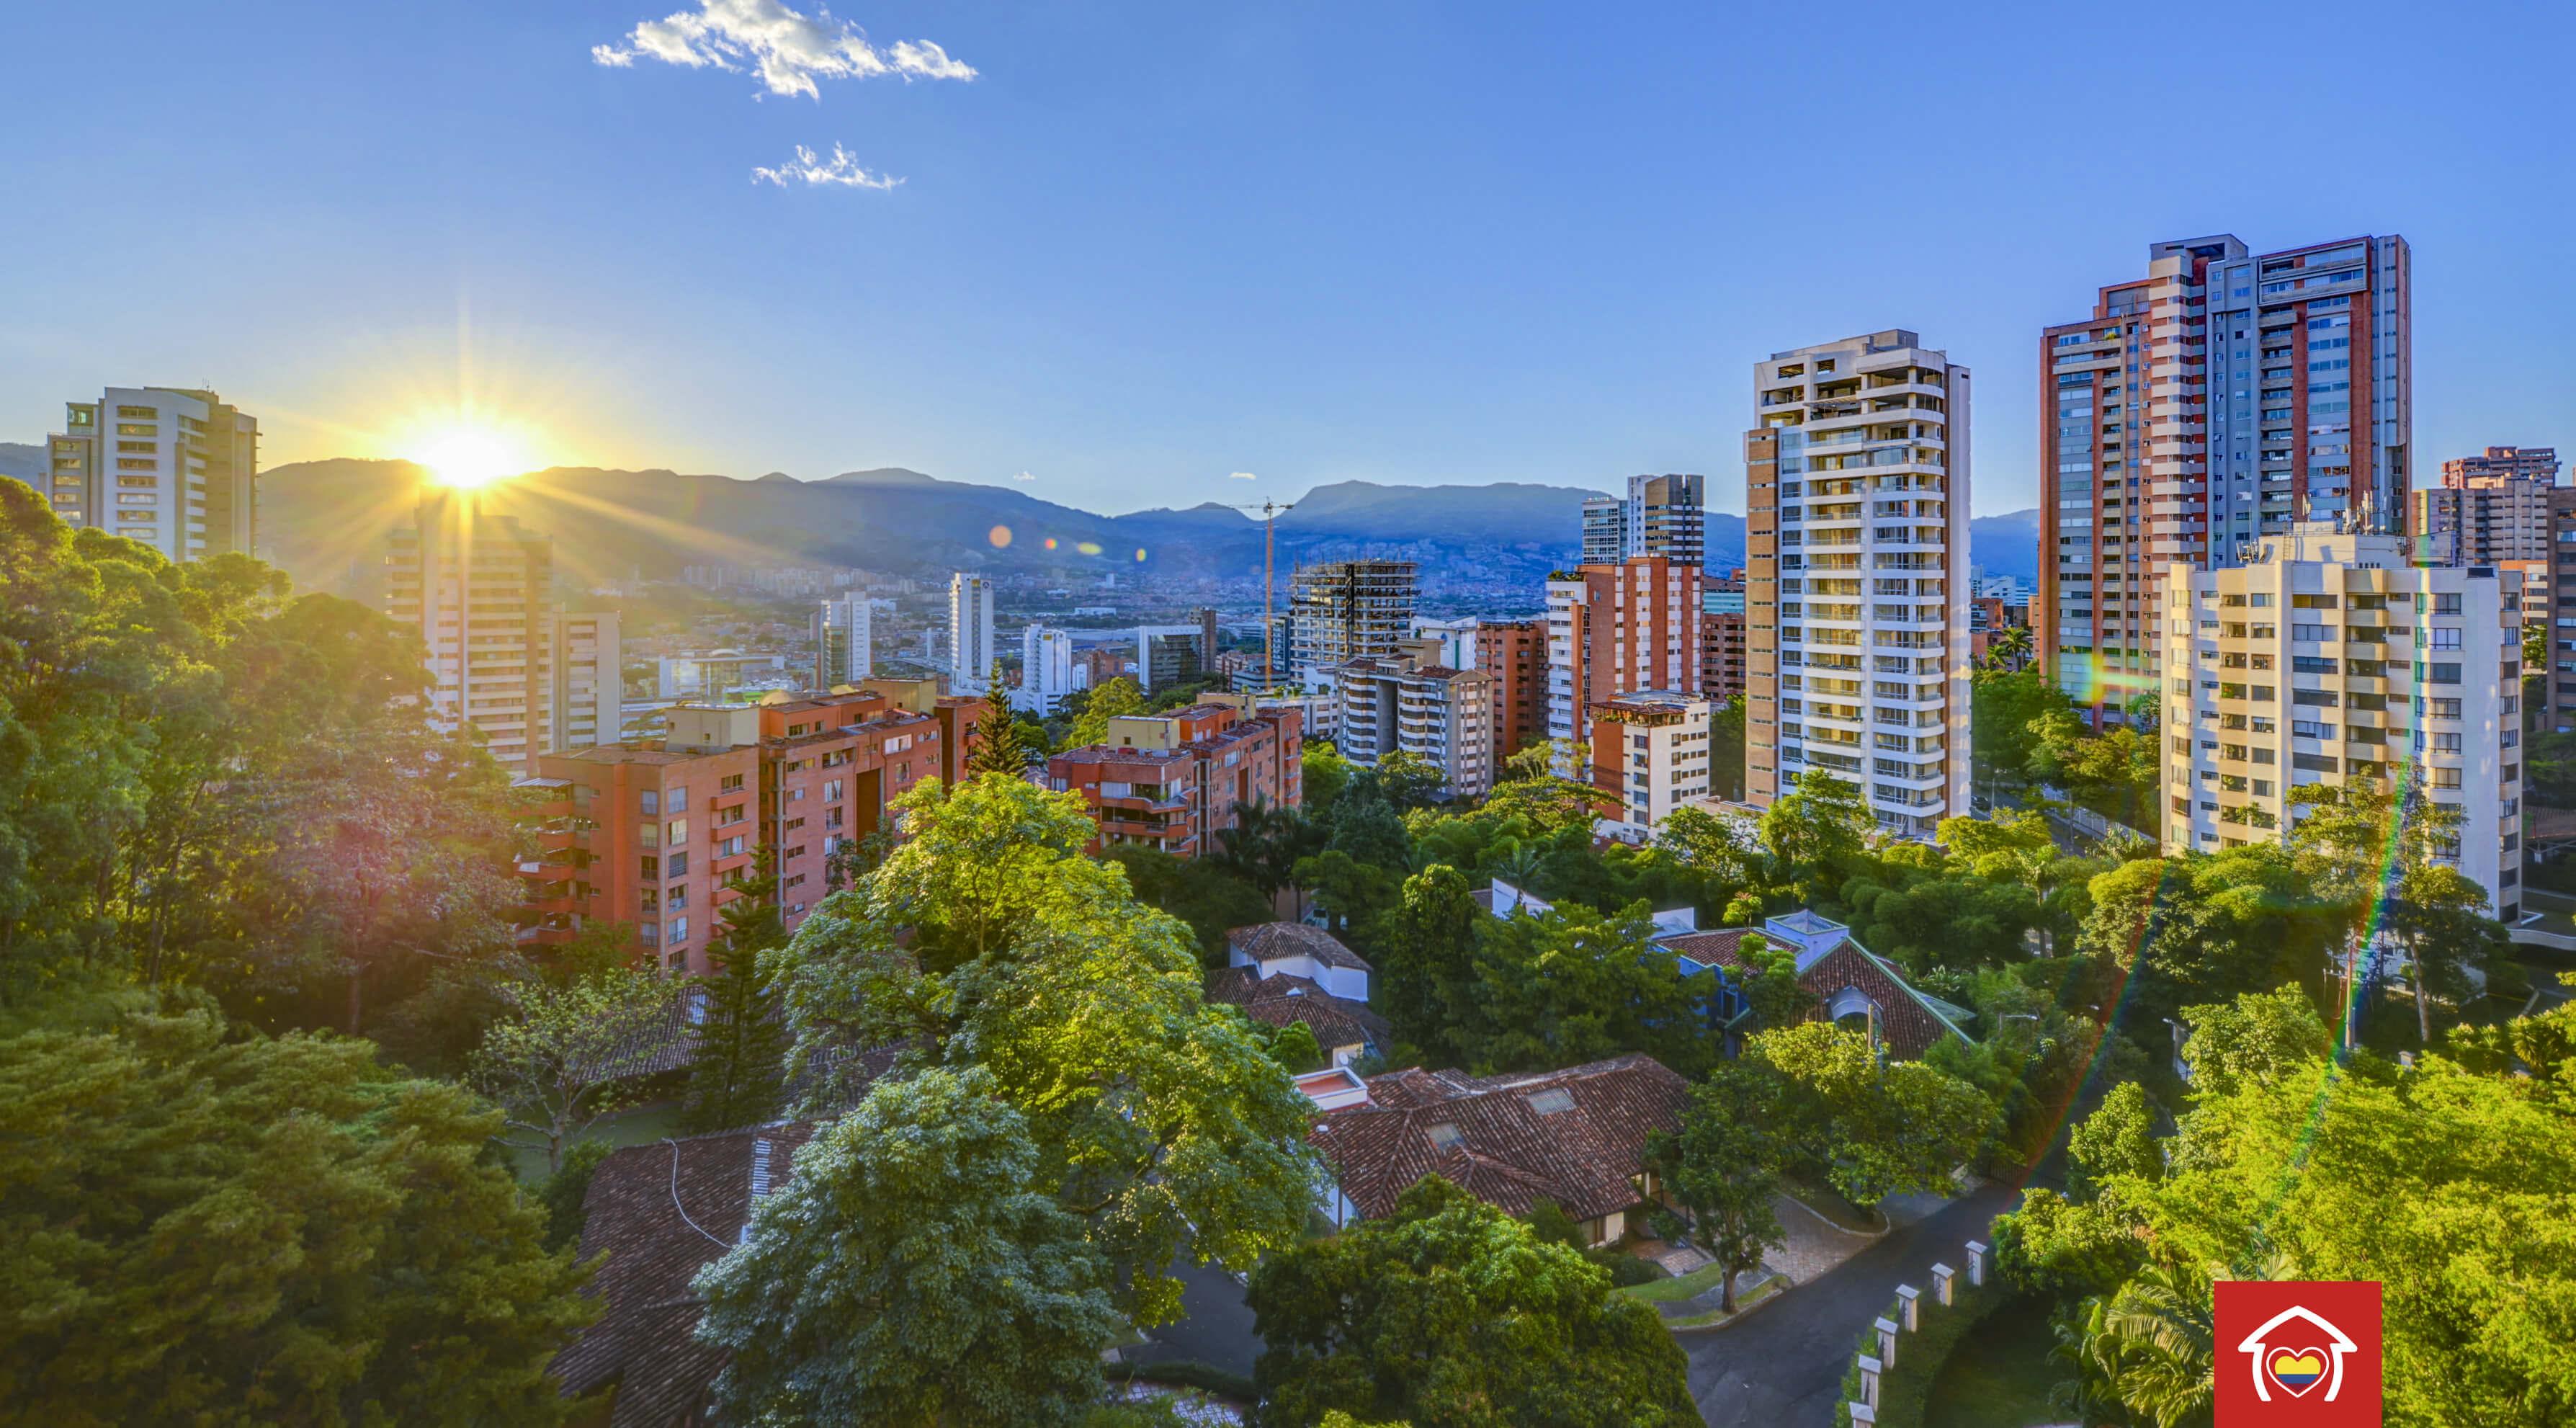 Conoce cu nto vale el metro cuadrado en las principales ciudades de colombia - Cuanto vale el metro cuadrado ...